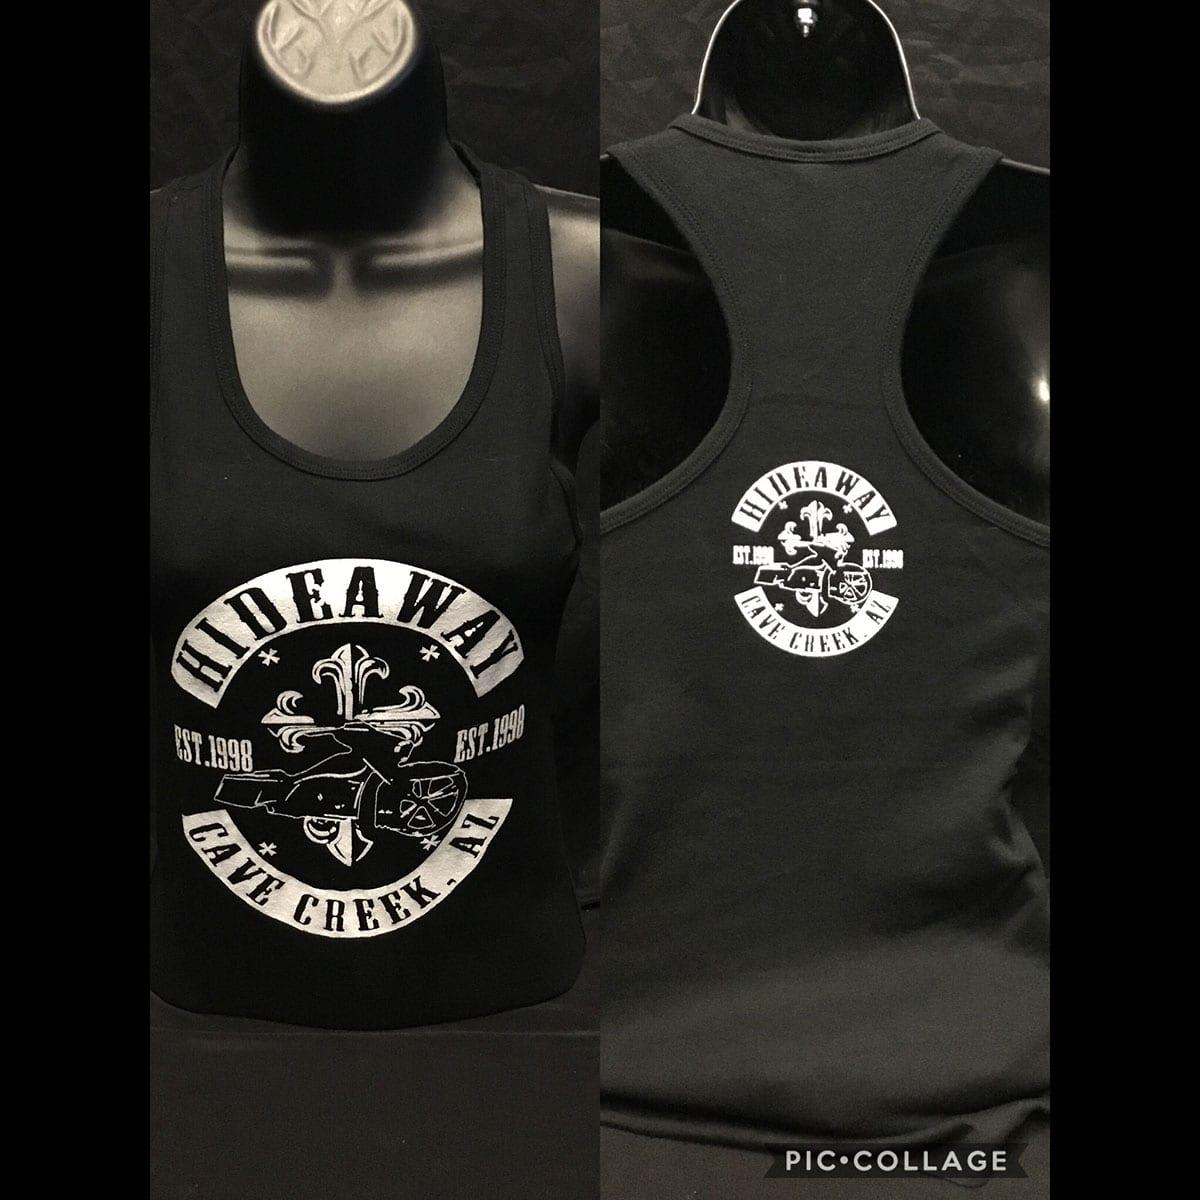 The Hideaway Grill: Women's Bagger Cross Racerback Tank - Black